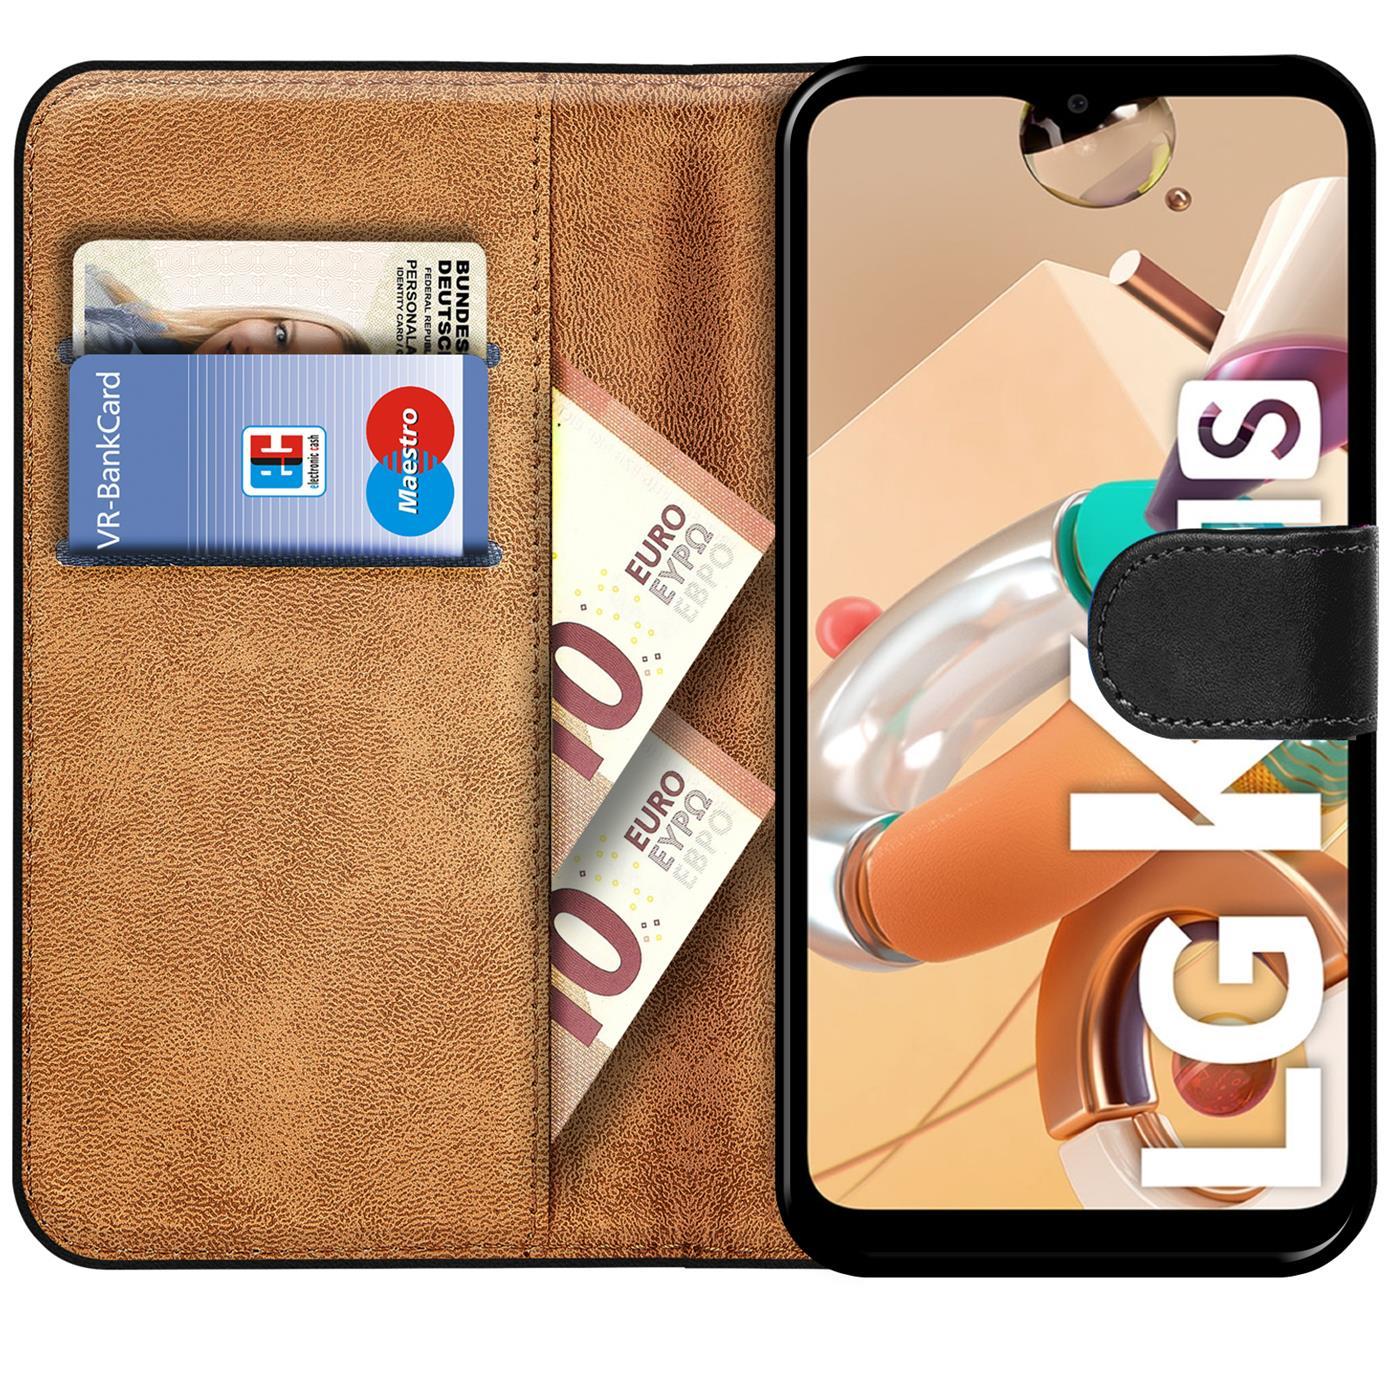 Book-Case-Fuer-LG-K4-20171s-Huelle-Flip-Cover-Handy-Tasche-Schutz-Huelle-Schale Indexbild 9